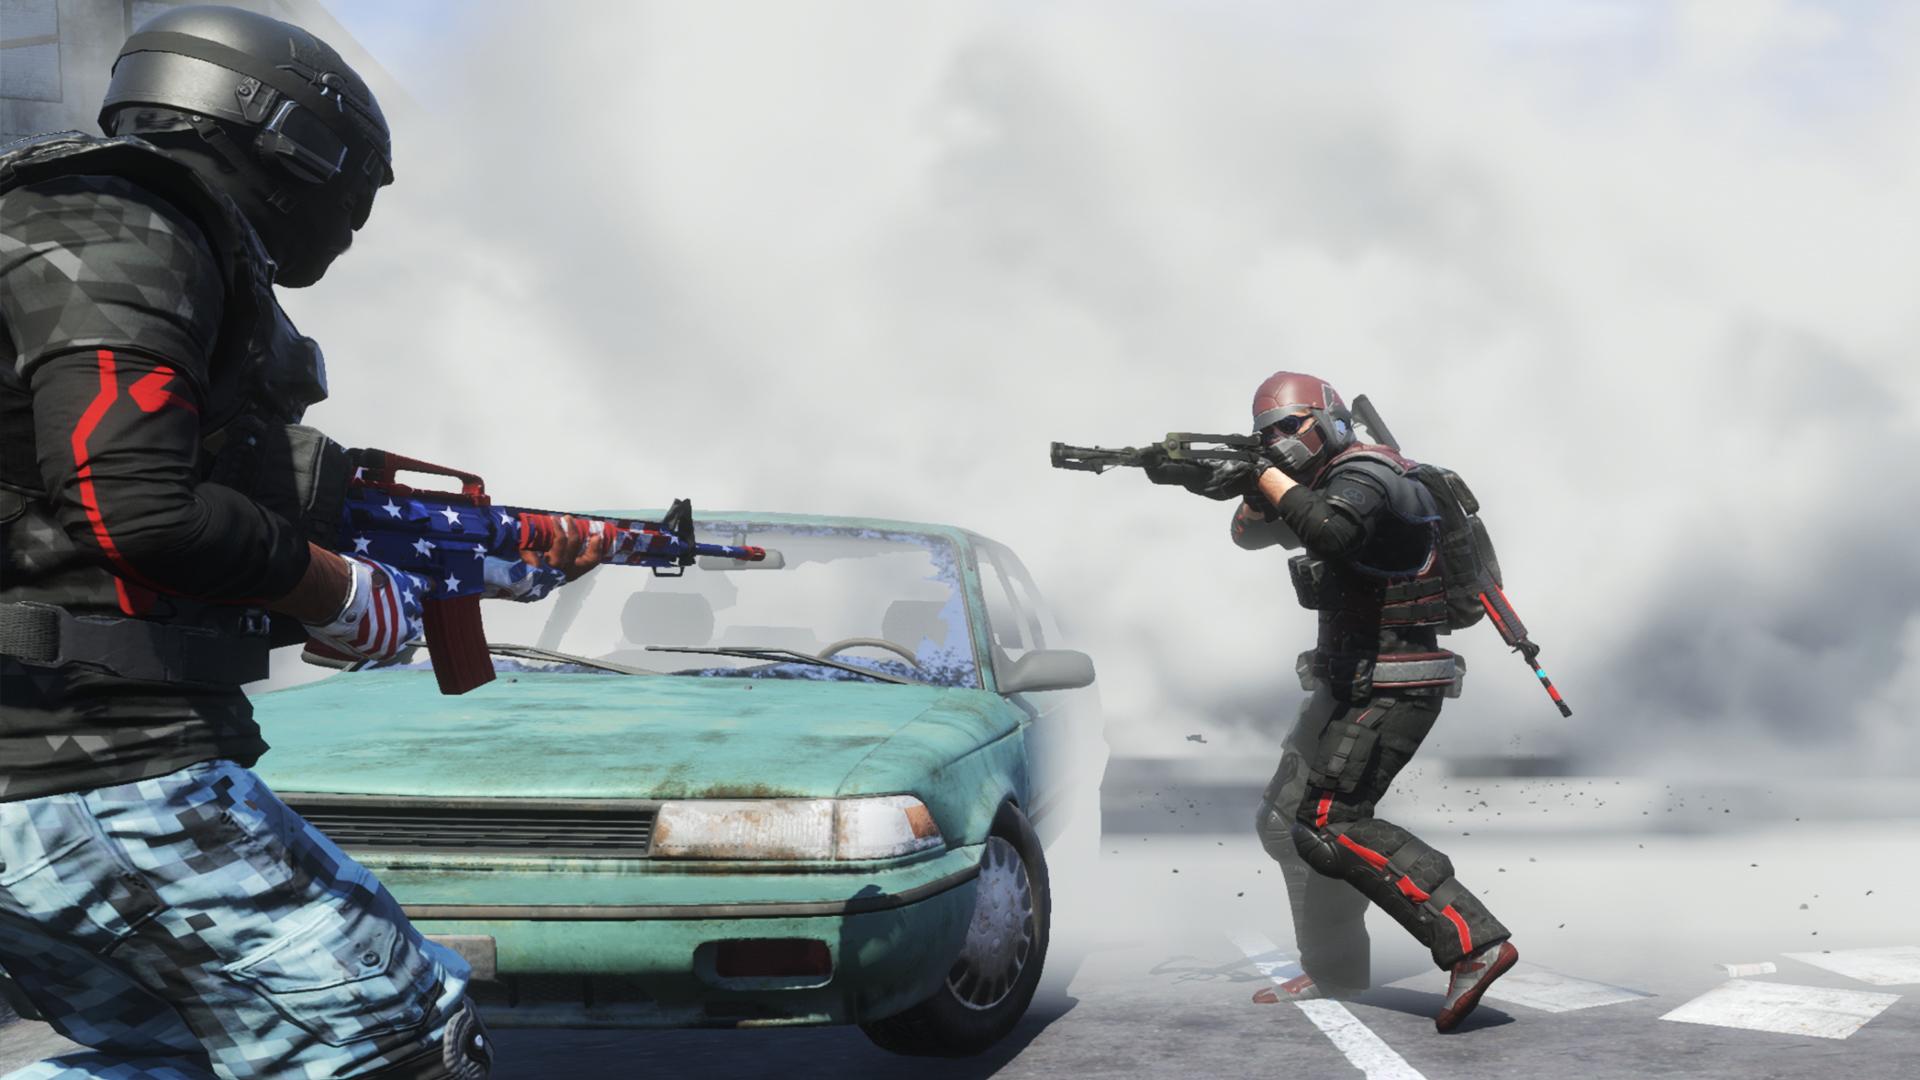 H1Z1 - Battle Royale